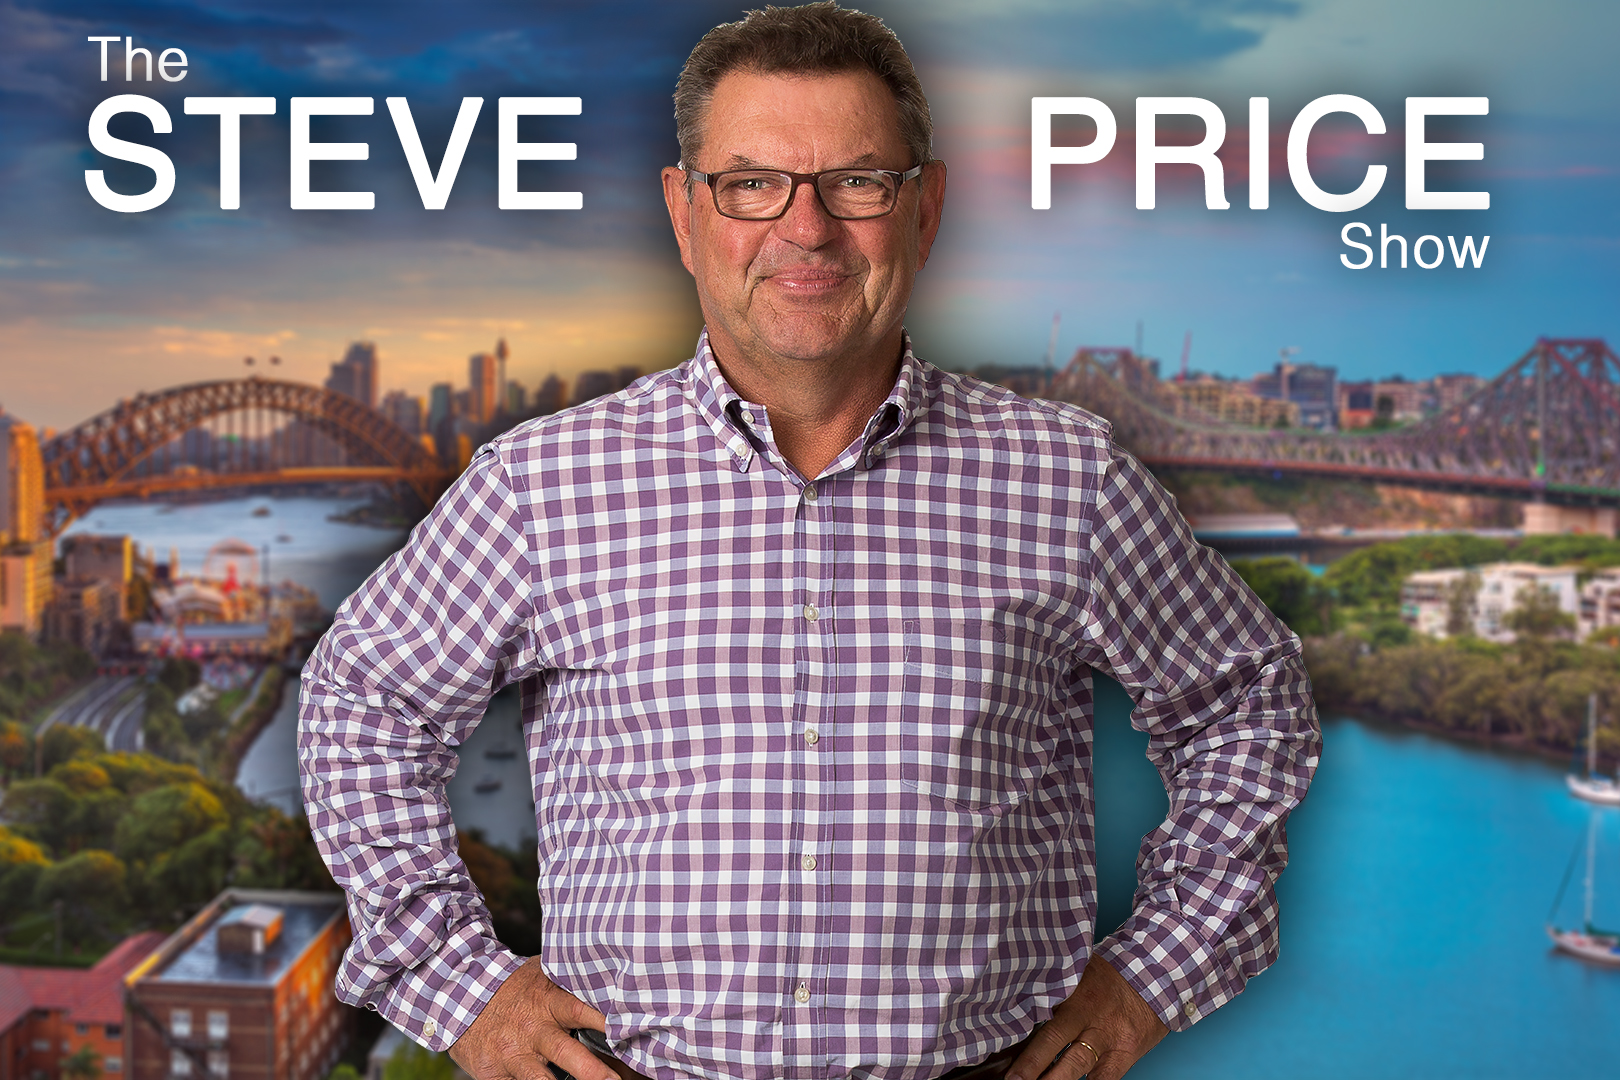 The Steve Price full show, October 21